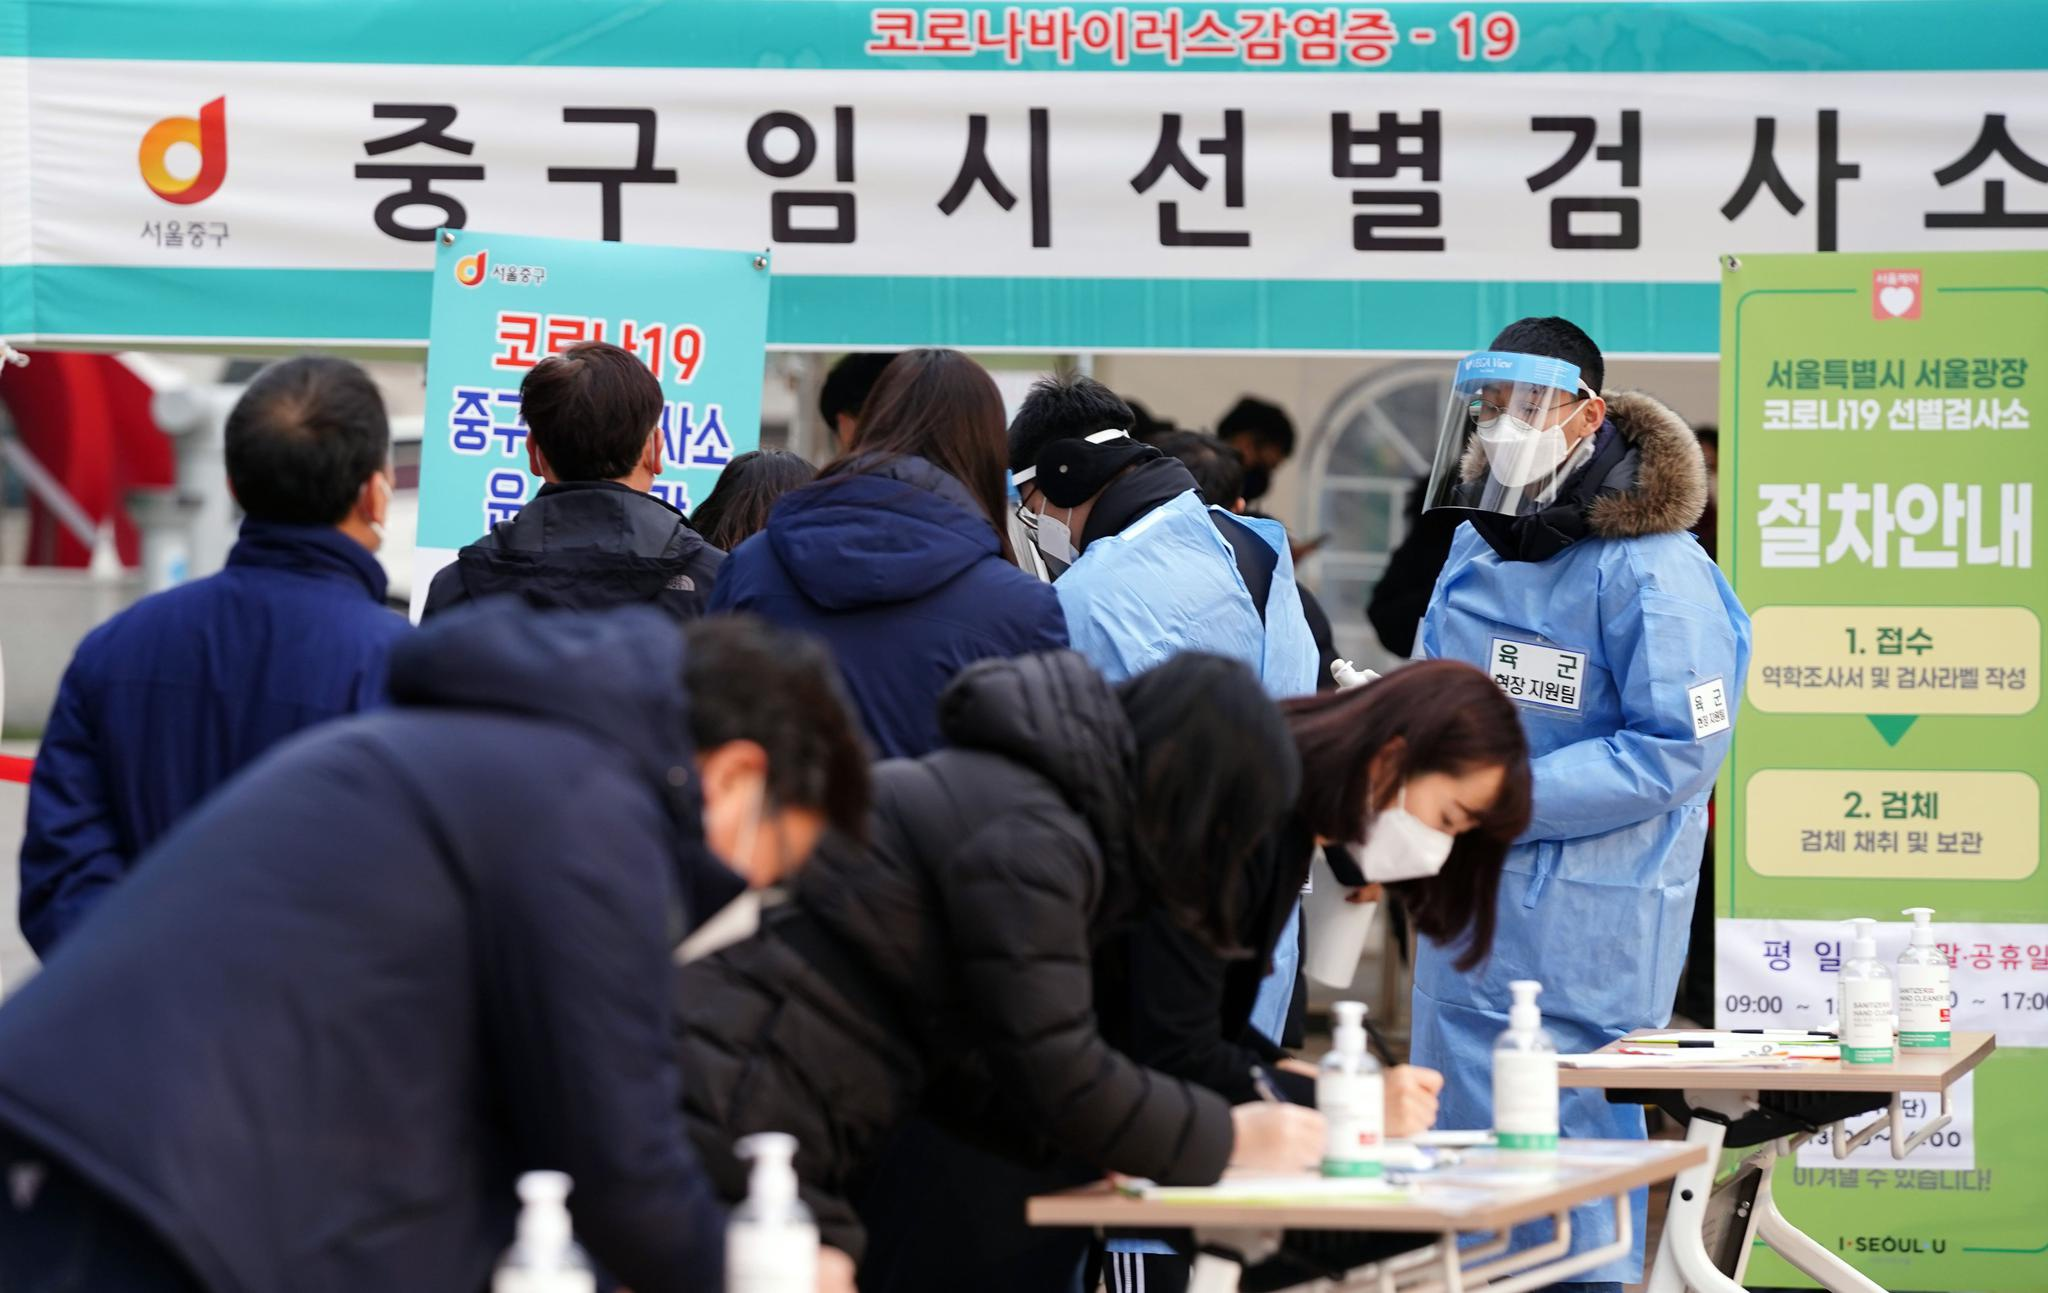 韩国再有2人确诊感染变异新冠病毒